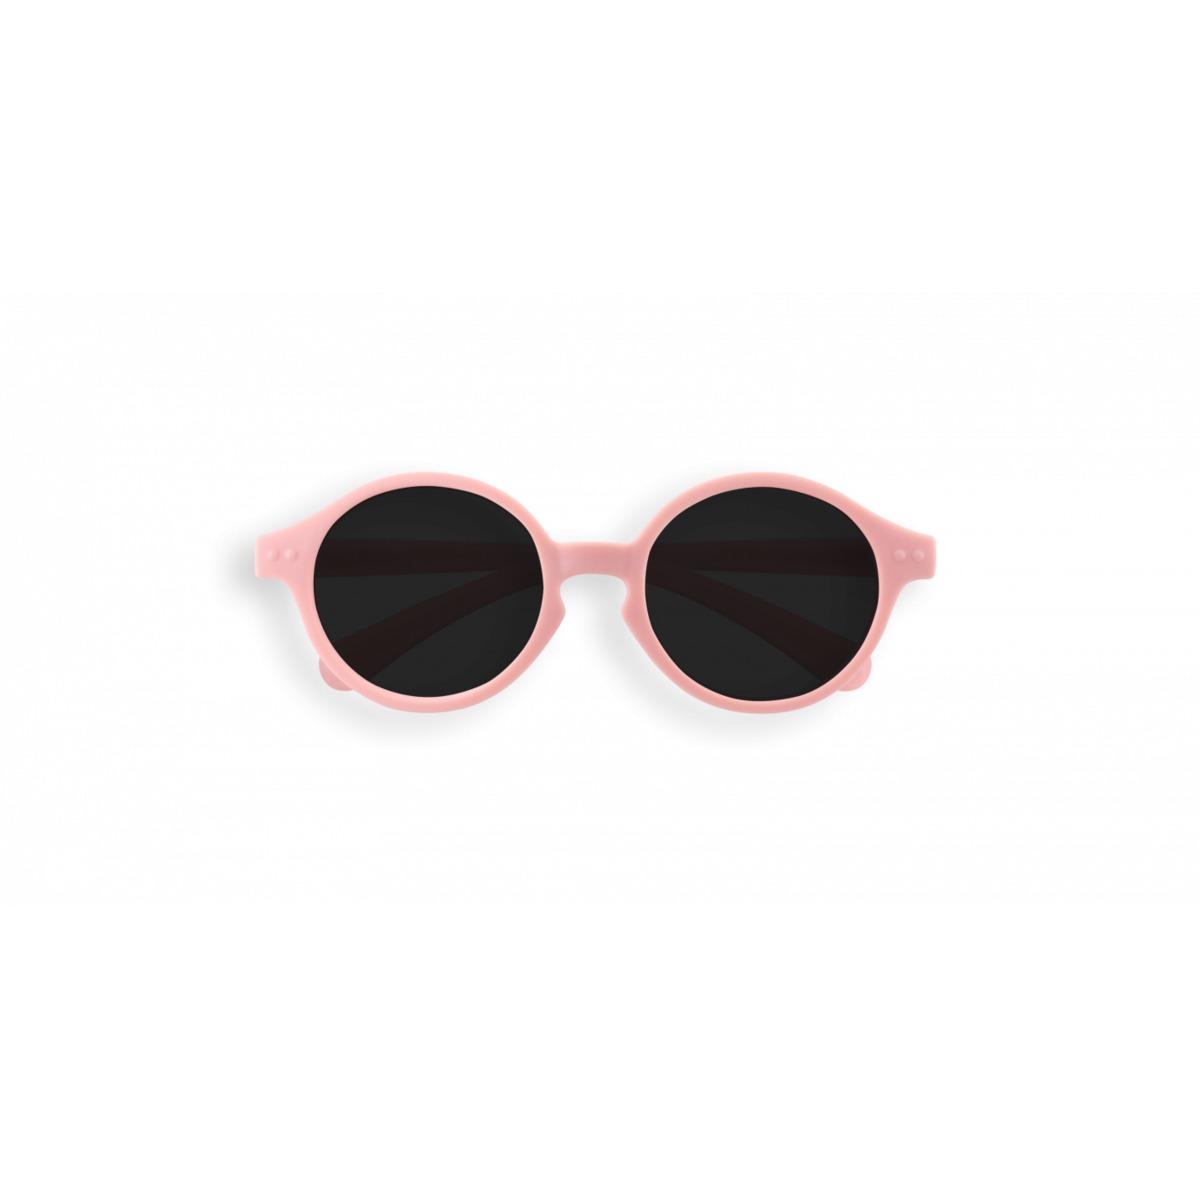 Accessoires bébé Lunettes de Soleil Pastel Pink - 0/12 Mois Lunettes de Soleil Pastel Pink - 0/12 Mois